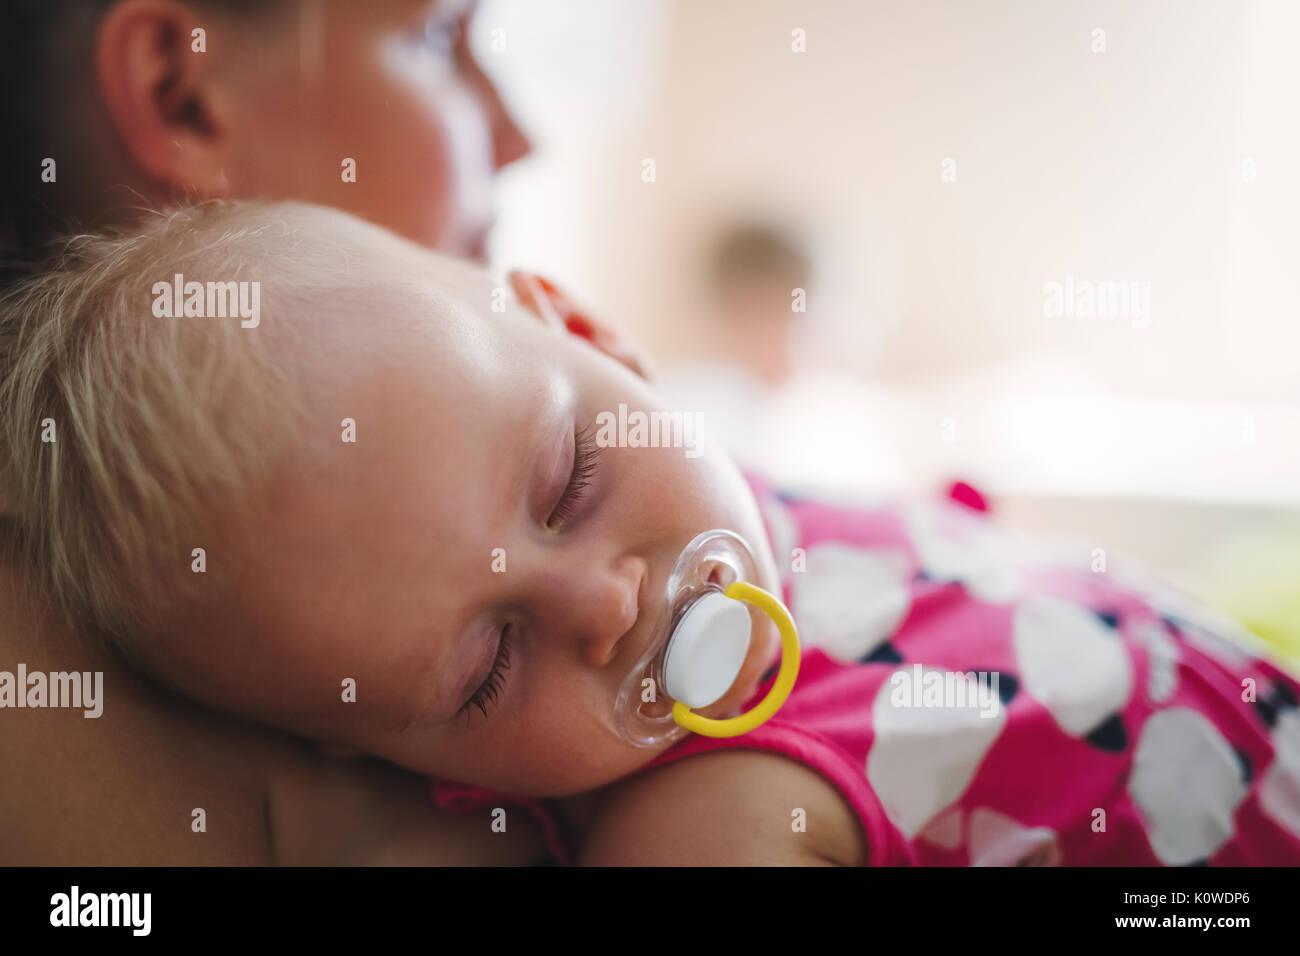 La joven madre sostiene a su bebé recién nacido dormía Imagen De Stock